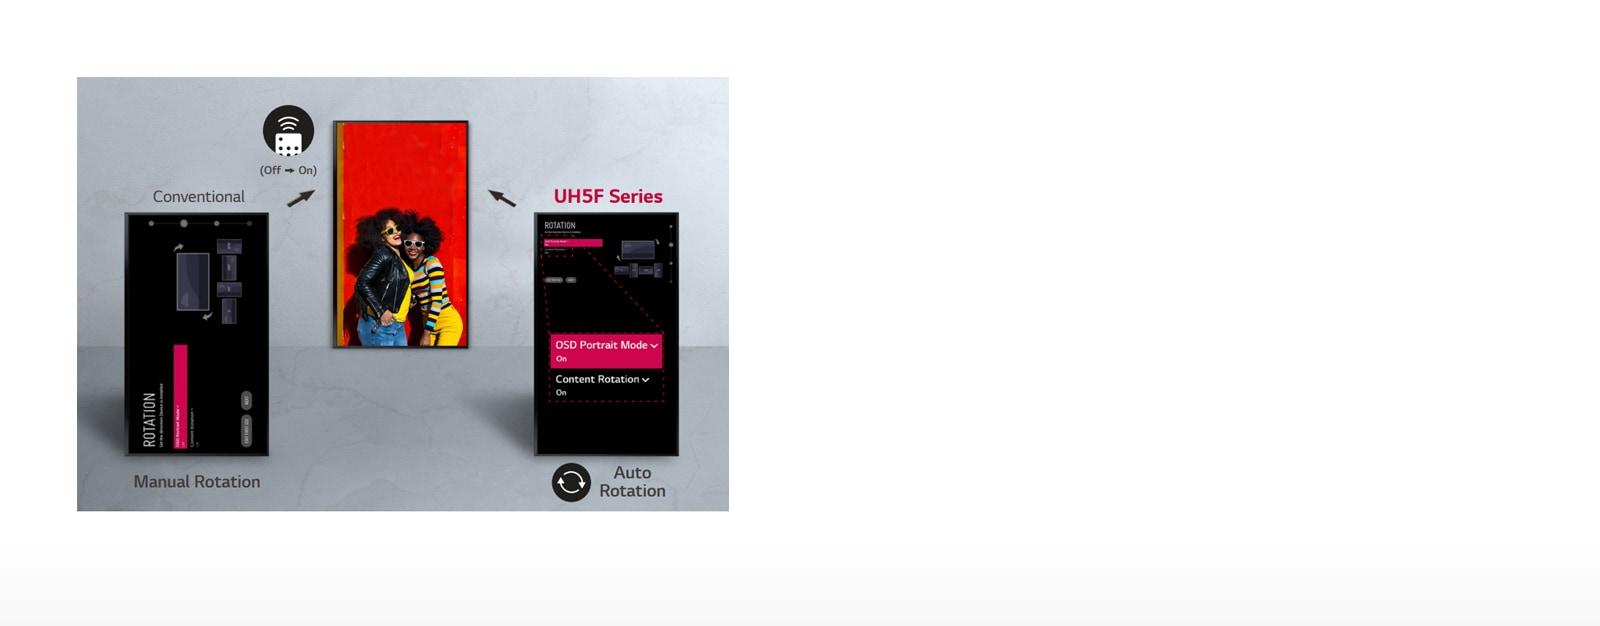 UH5F-B-08-Auto Screen Rotation-Standard Premium-Digital Signage-ID_1563923978856